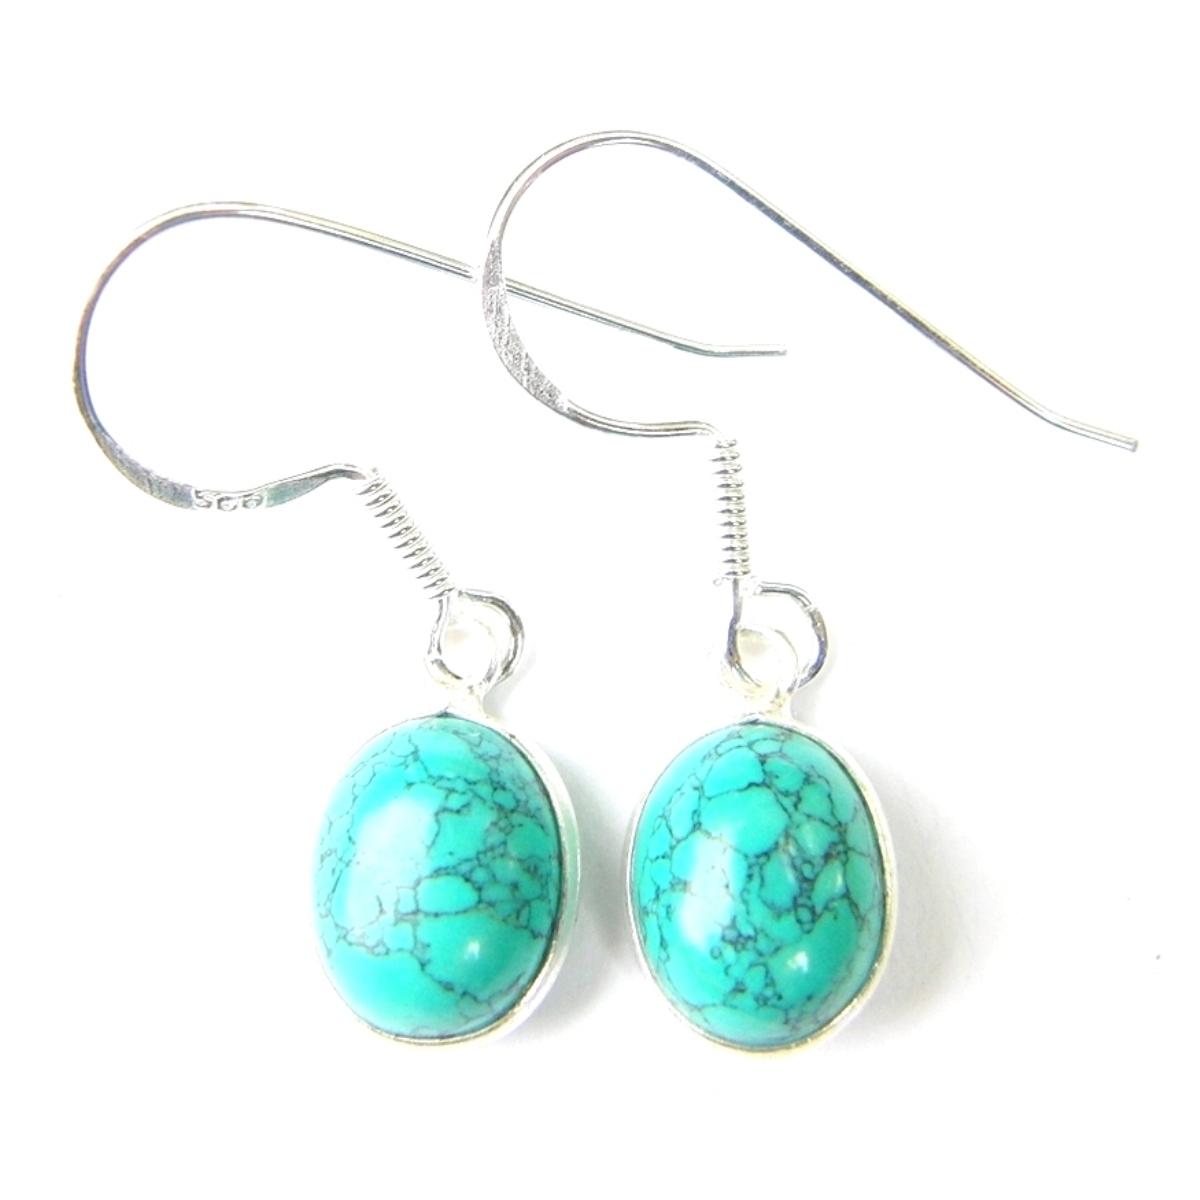 Turquoise Dainty Oval Earrings